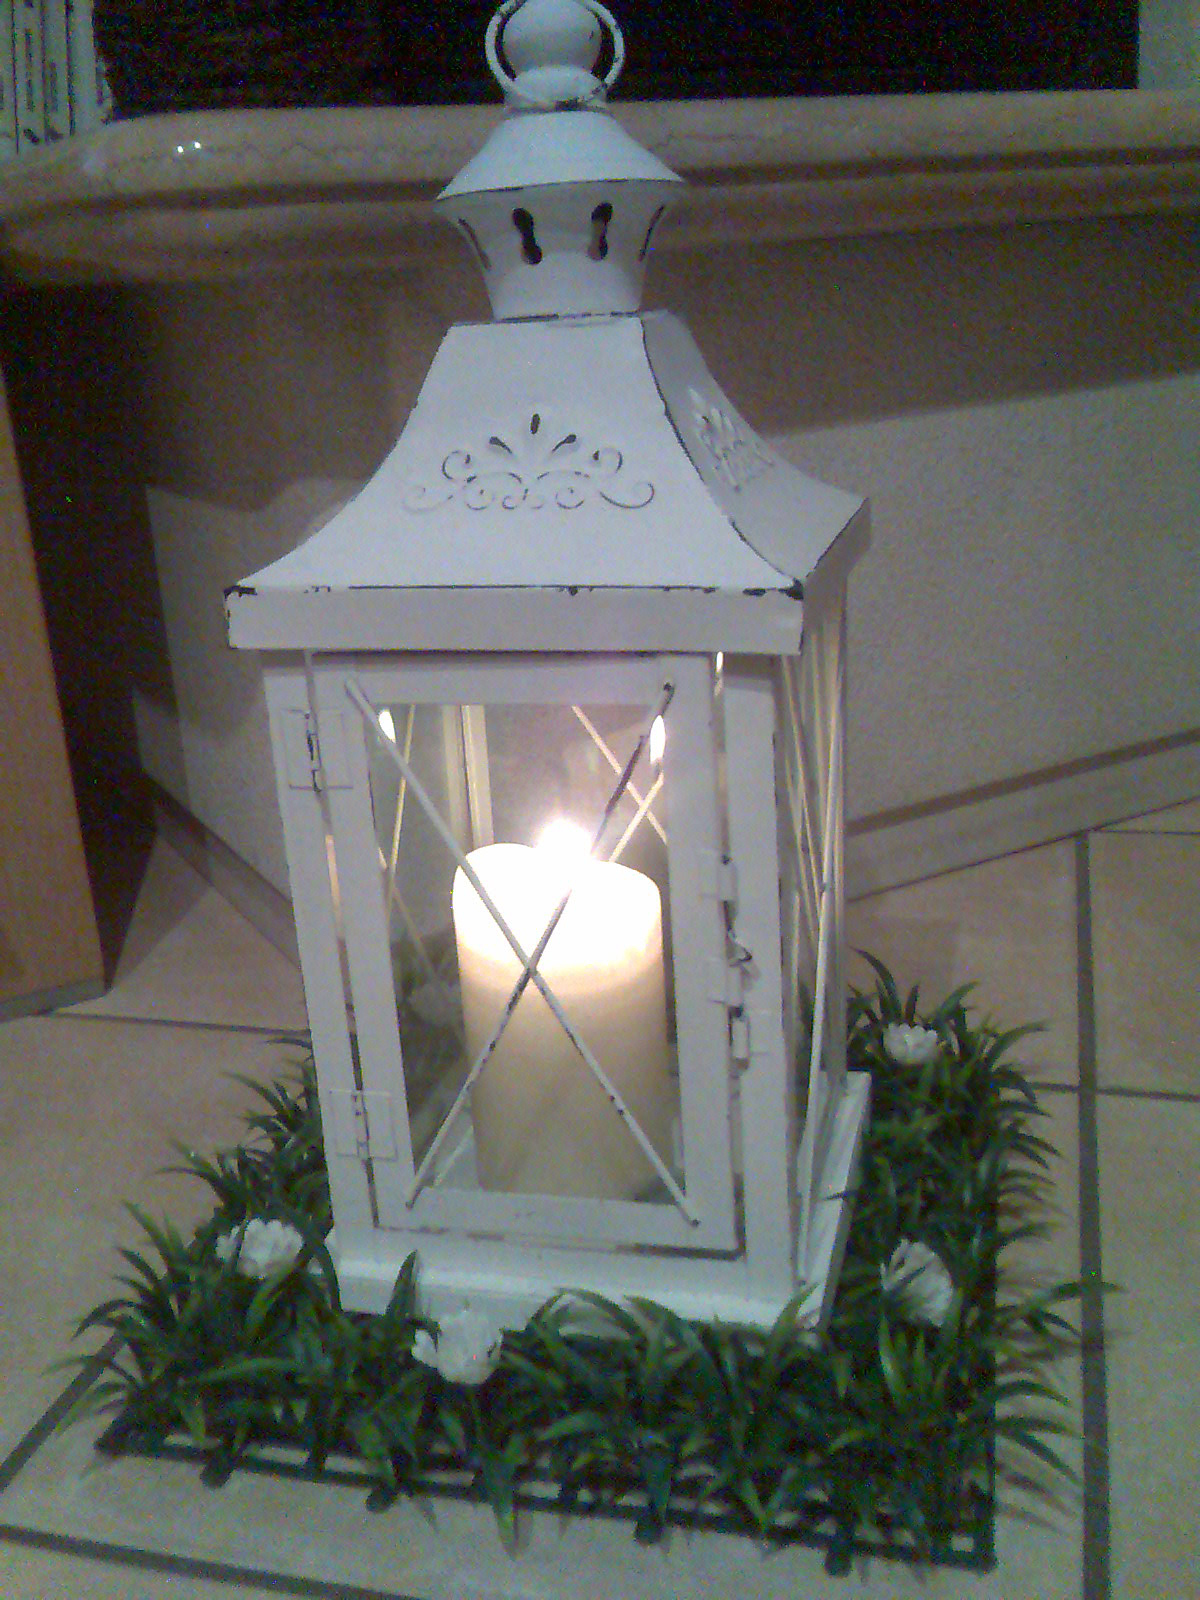 Le Patty idee Lanterne lanterne e ancora lanterne